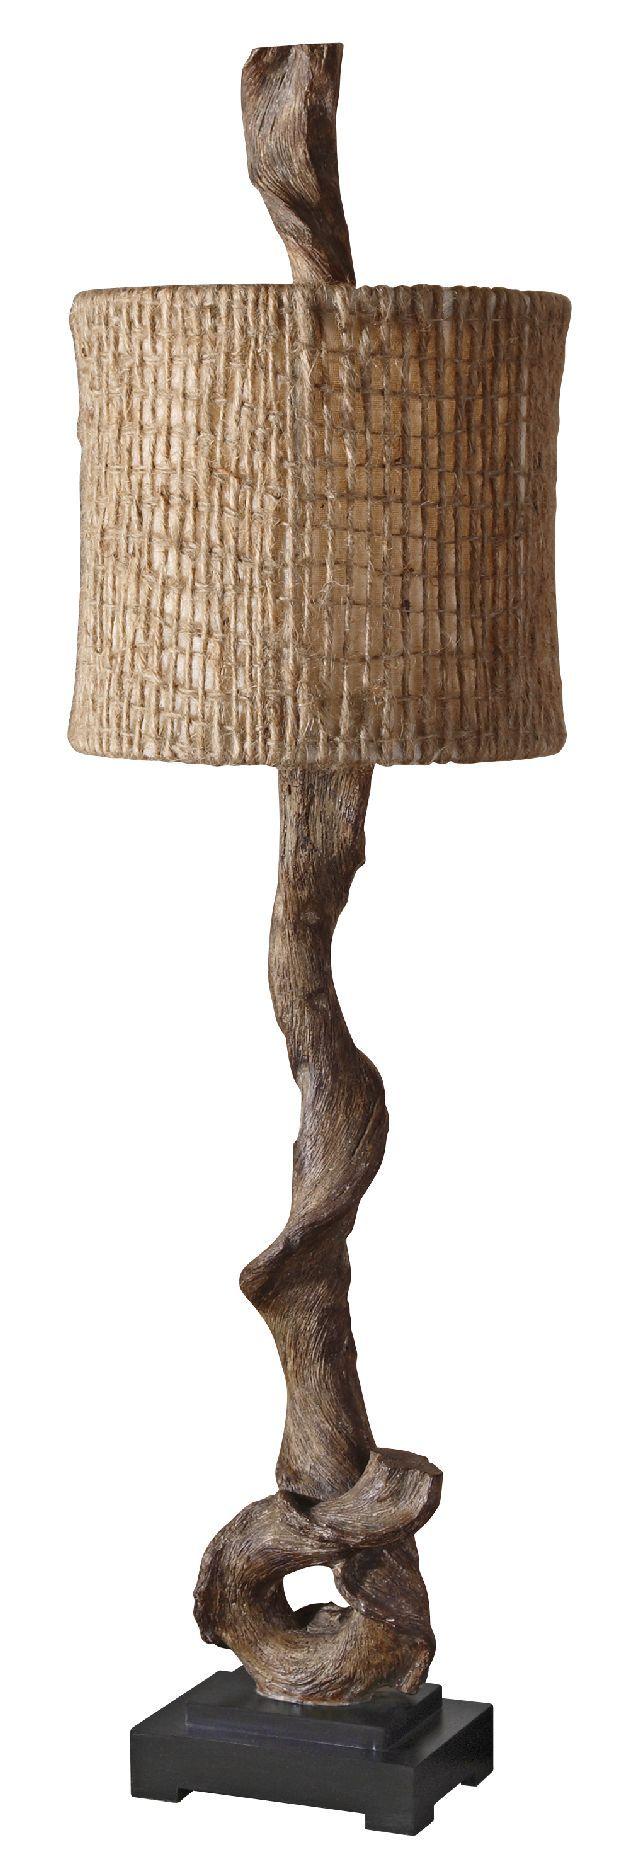 French buffet lamps - Uttermost Driftwood Buffet Lamp